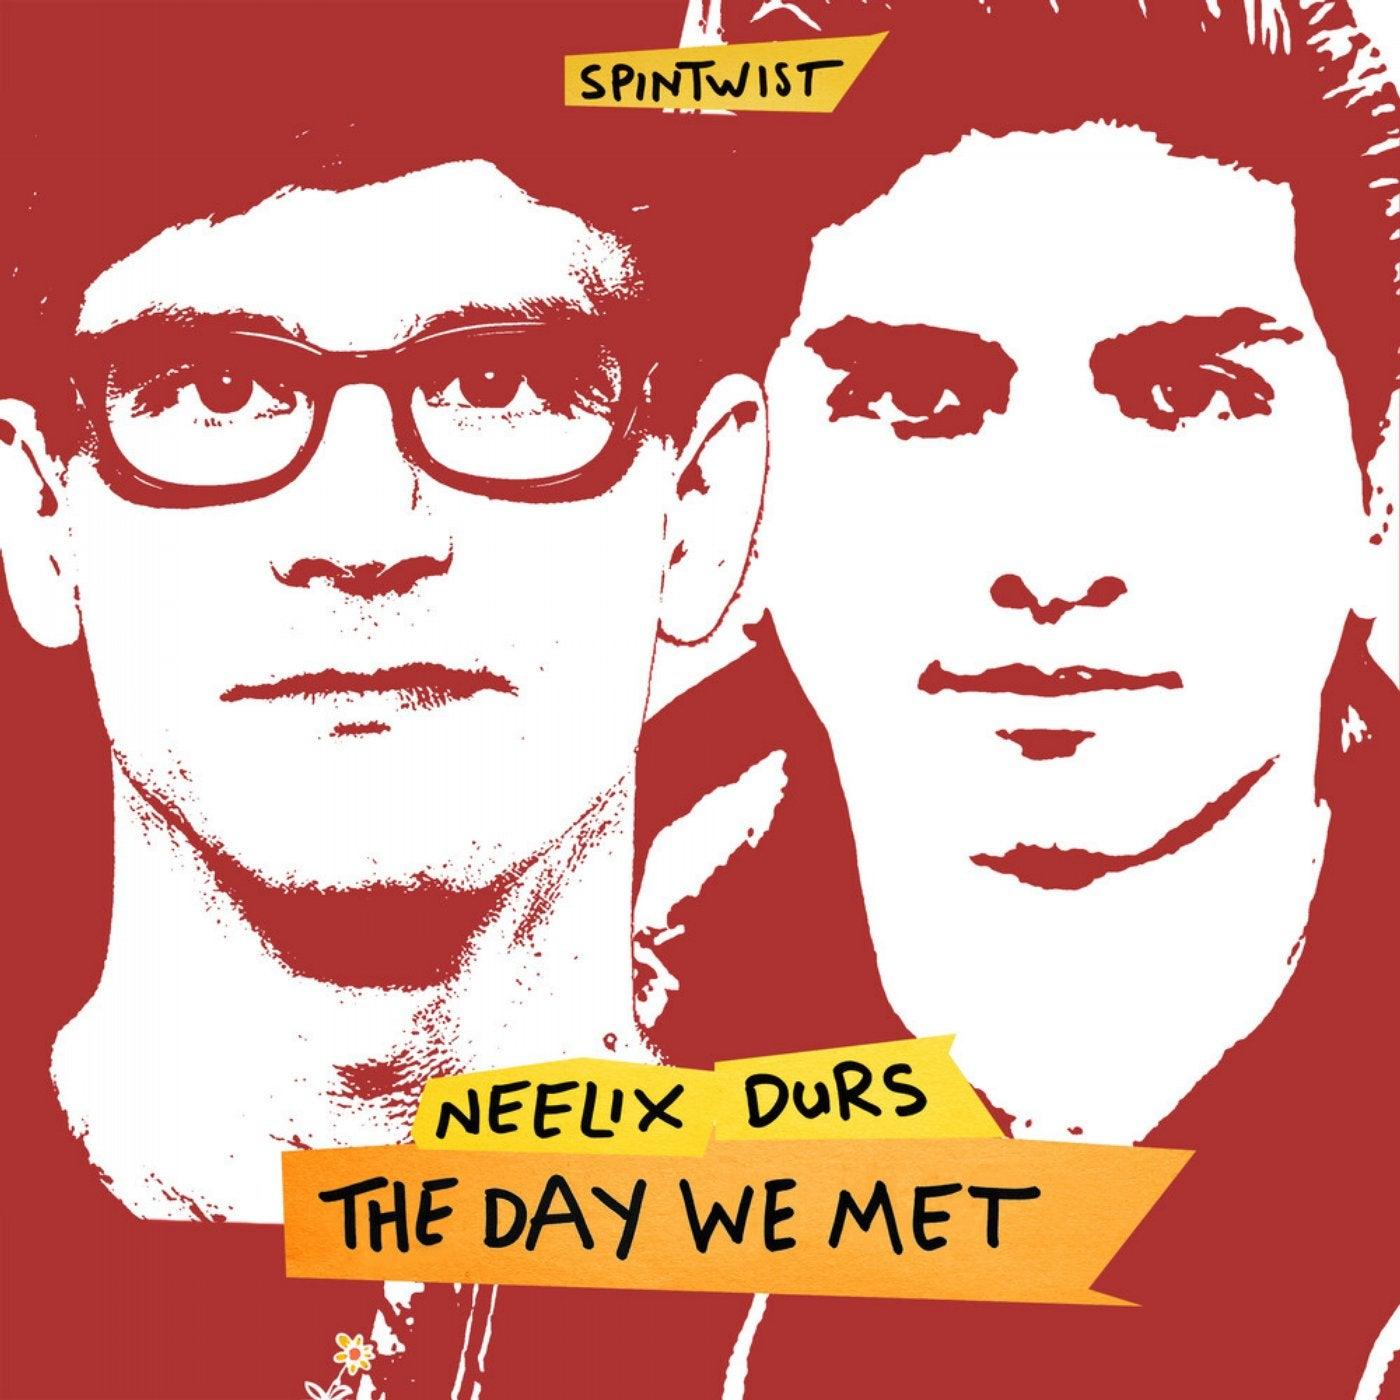 The Day We Met (Original Mix)